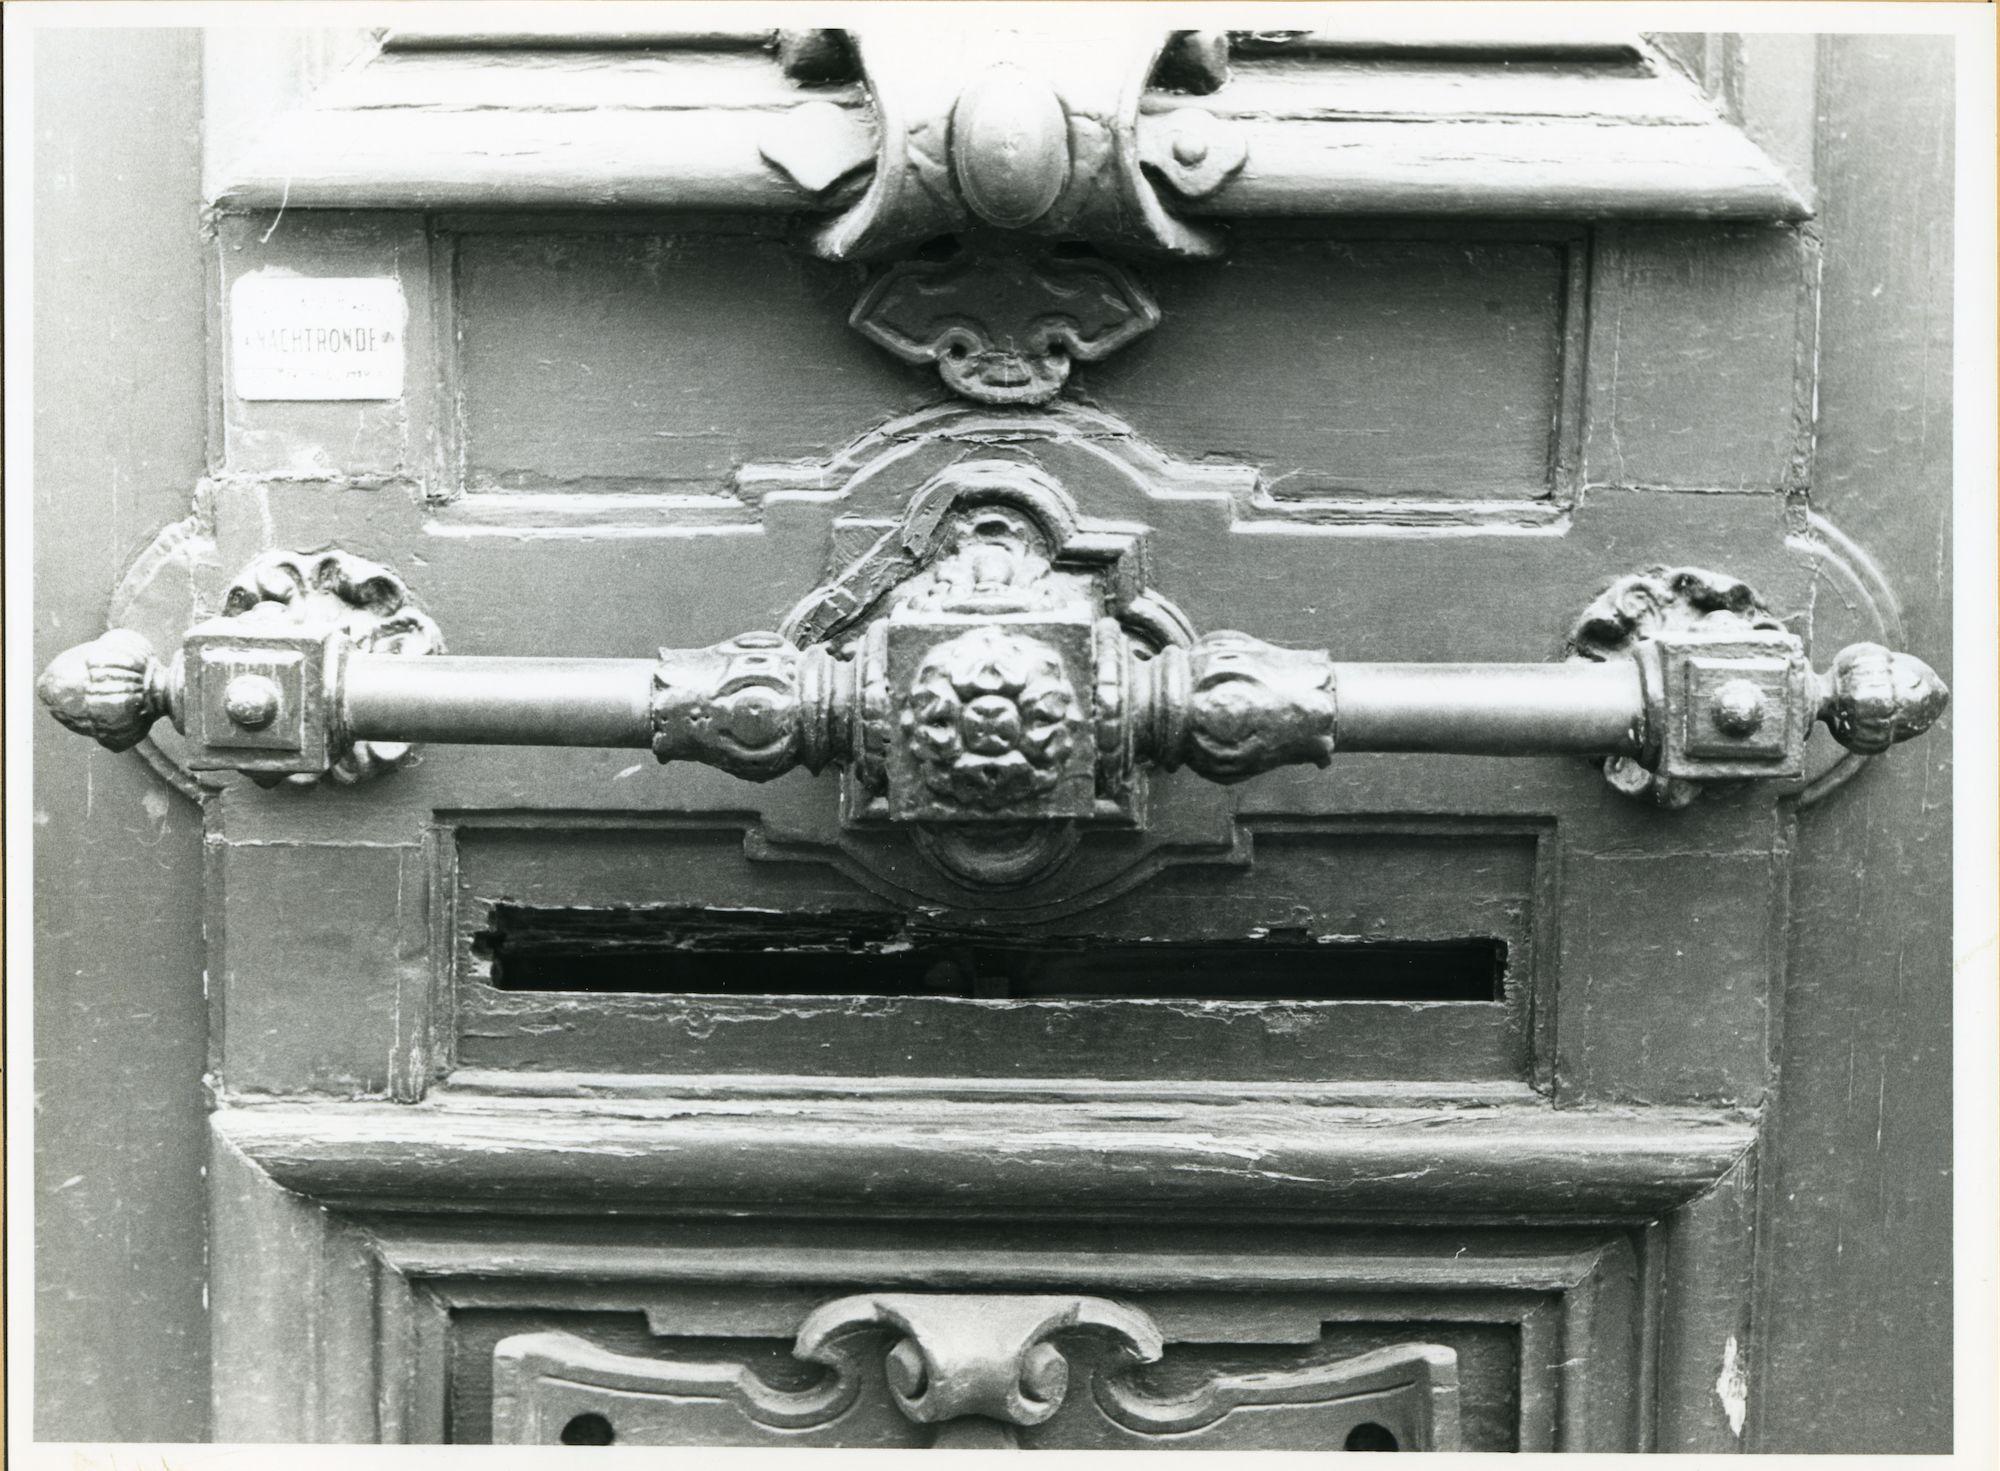 Gent: Sint Michielsstraat 16: Deurgreep, 1979